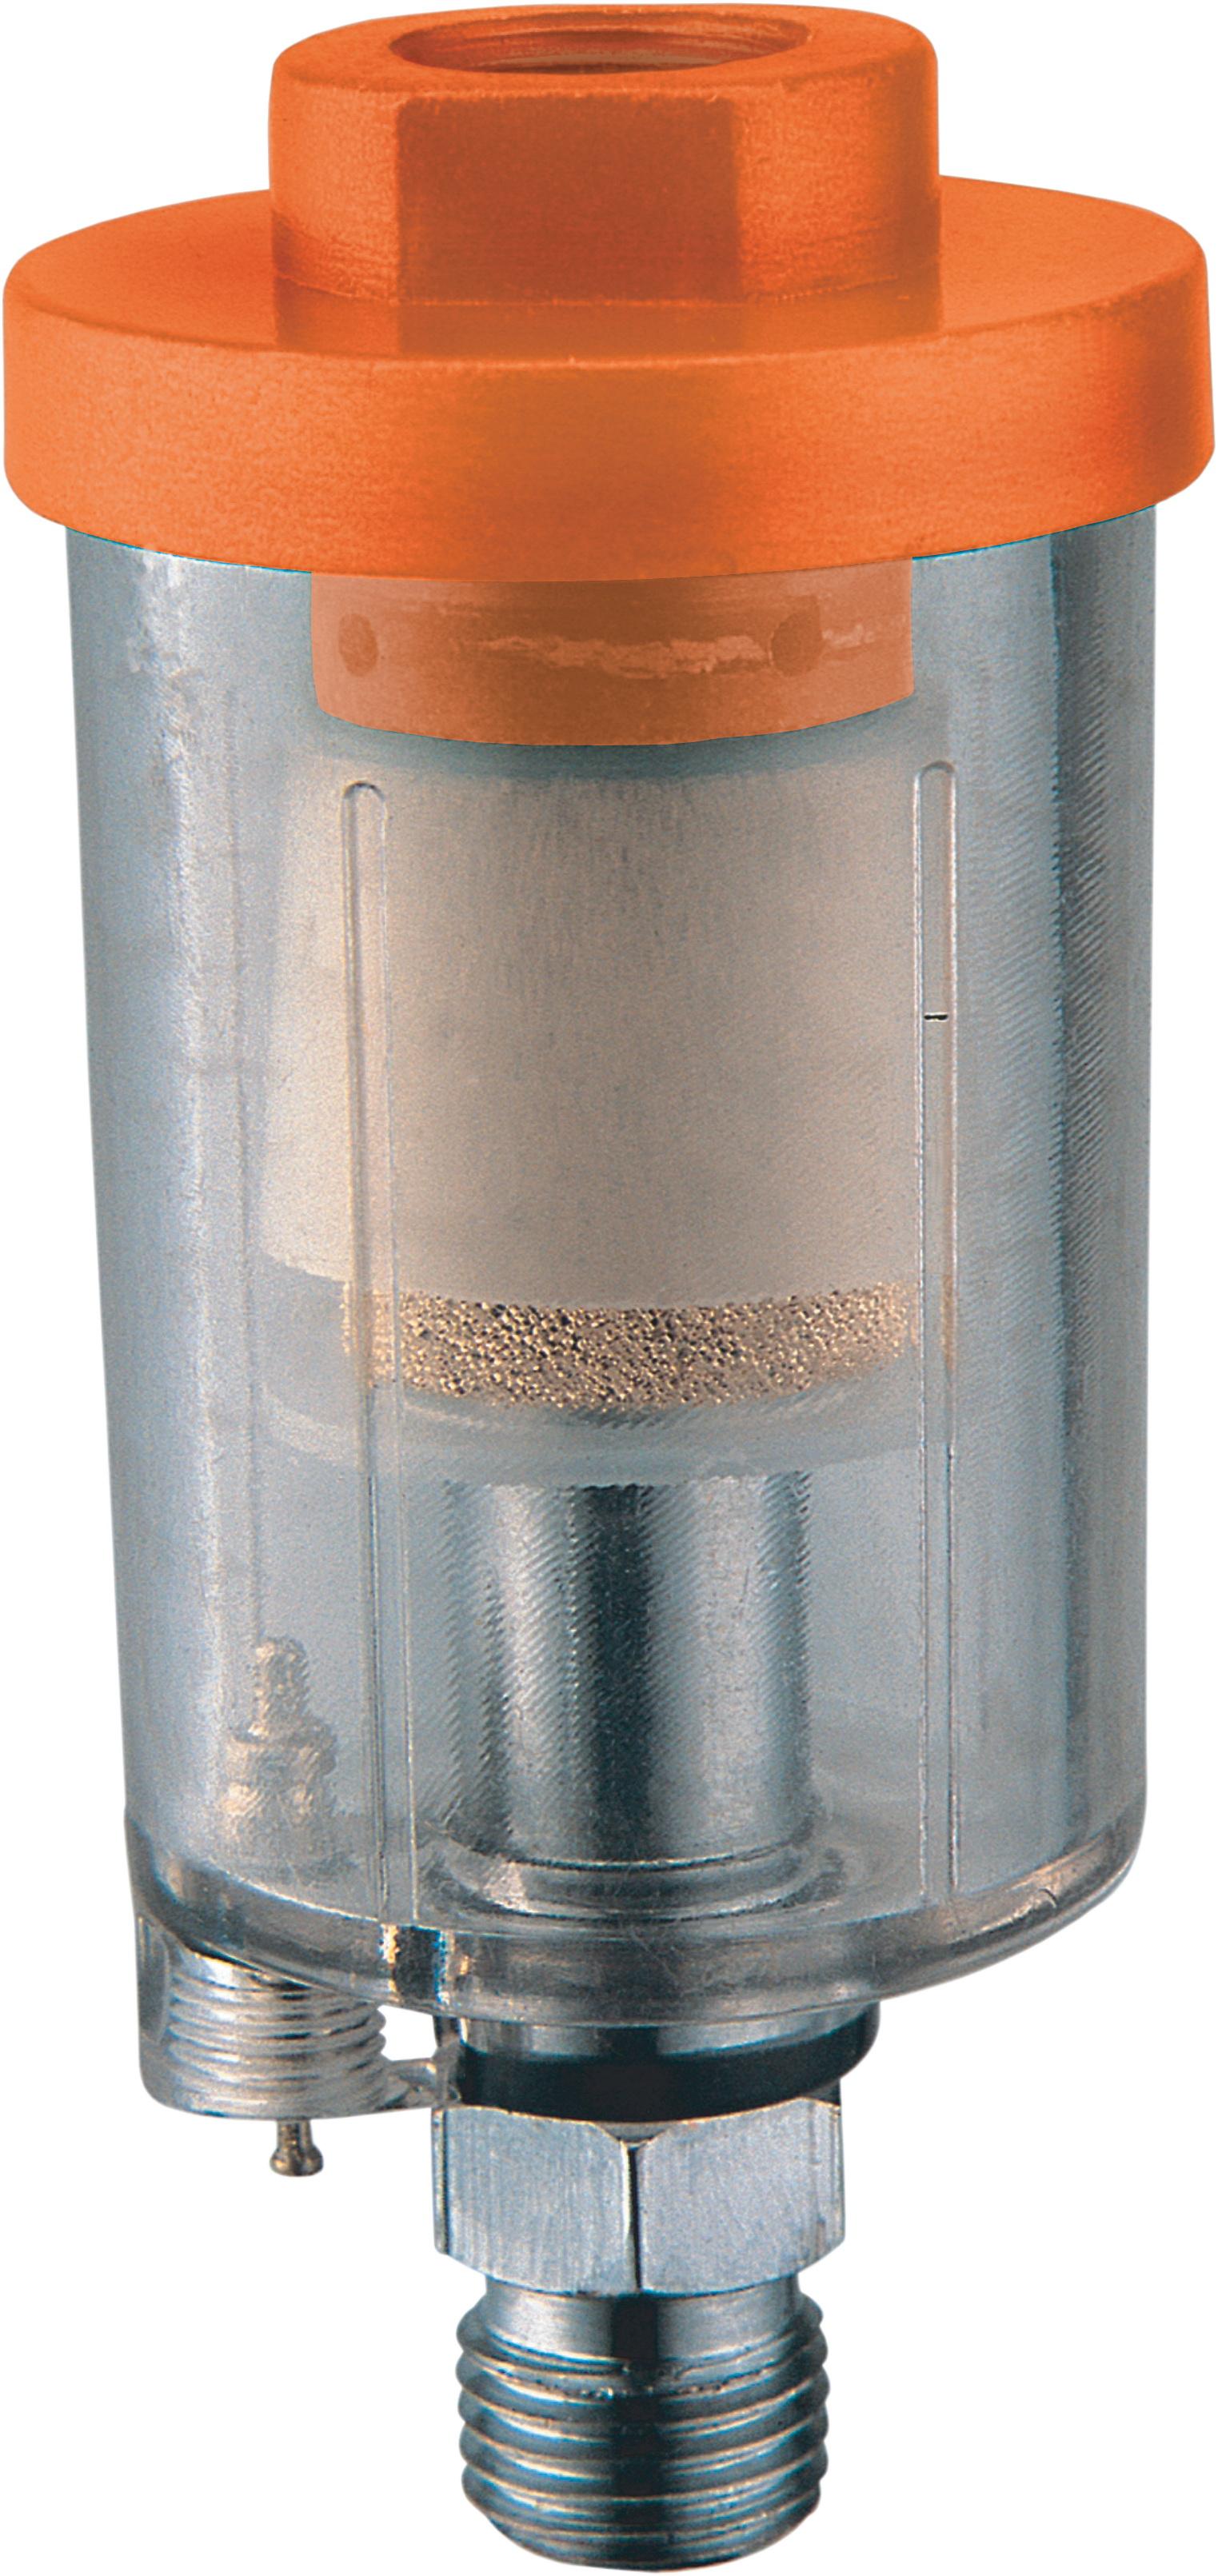 Фильтр КРАТОНОснастка пневматическая<br>Тип оснастки: блок подготовки воздуха,<br>Назначение: для пневмоинструмента,<br>Посадочный размер: 1/4  <br>